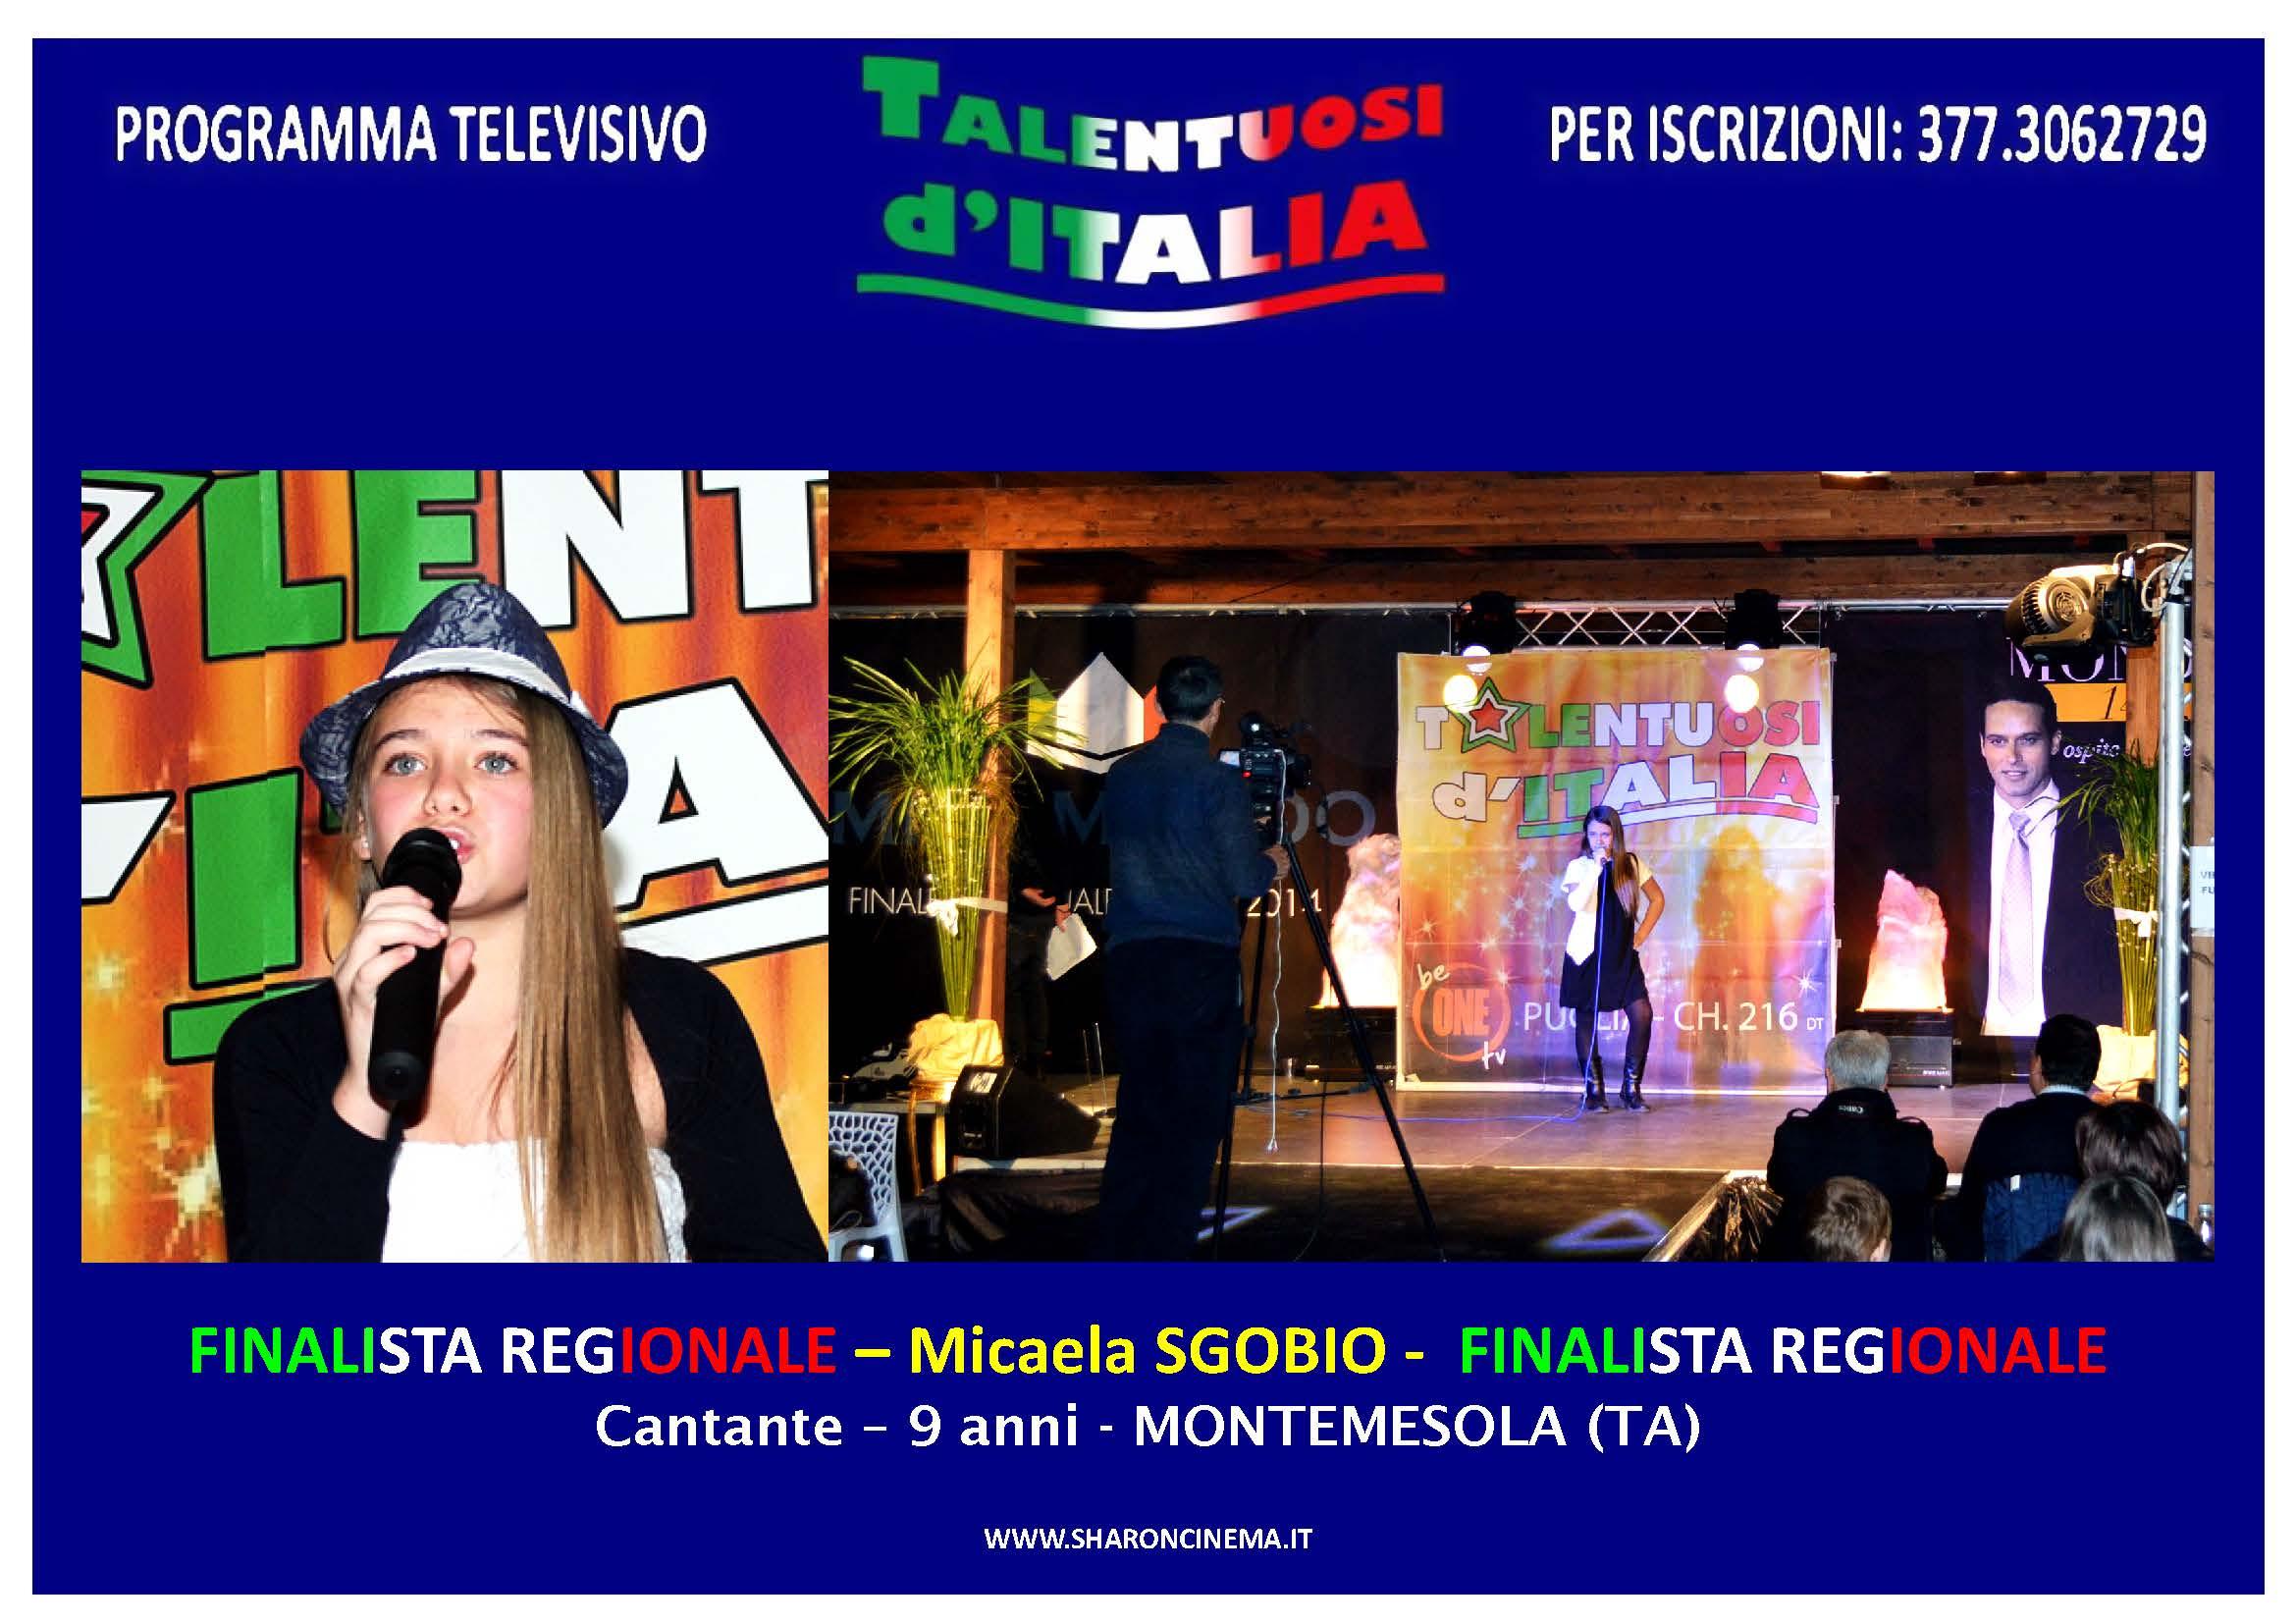 Talentuosi d 39 italia for Quattro stelle arredamenti surbo